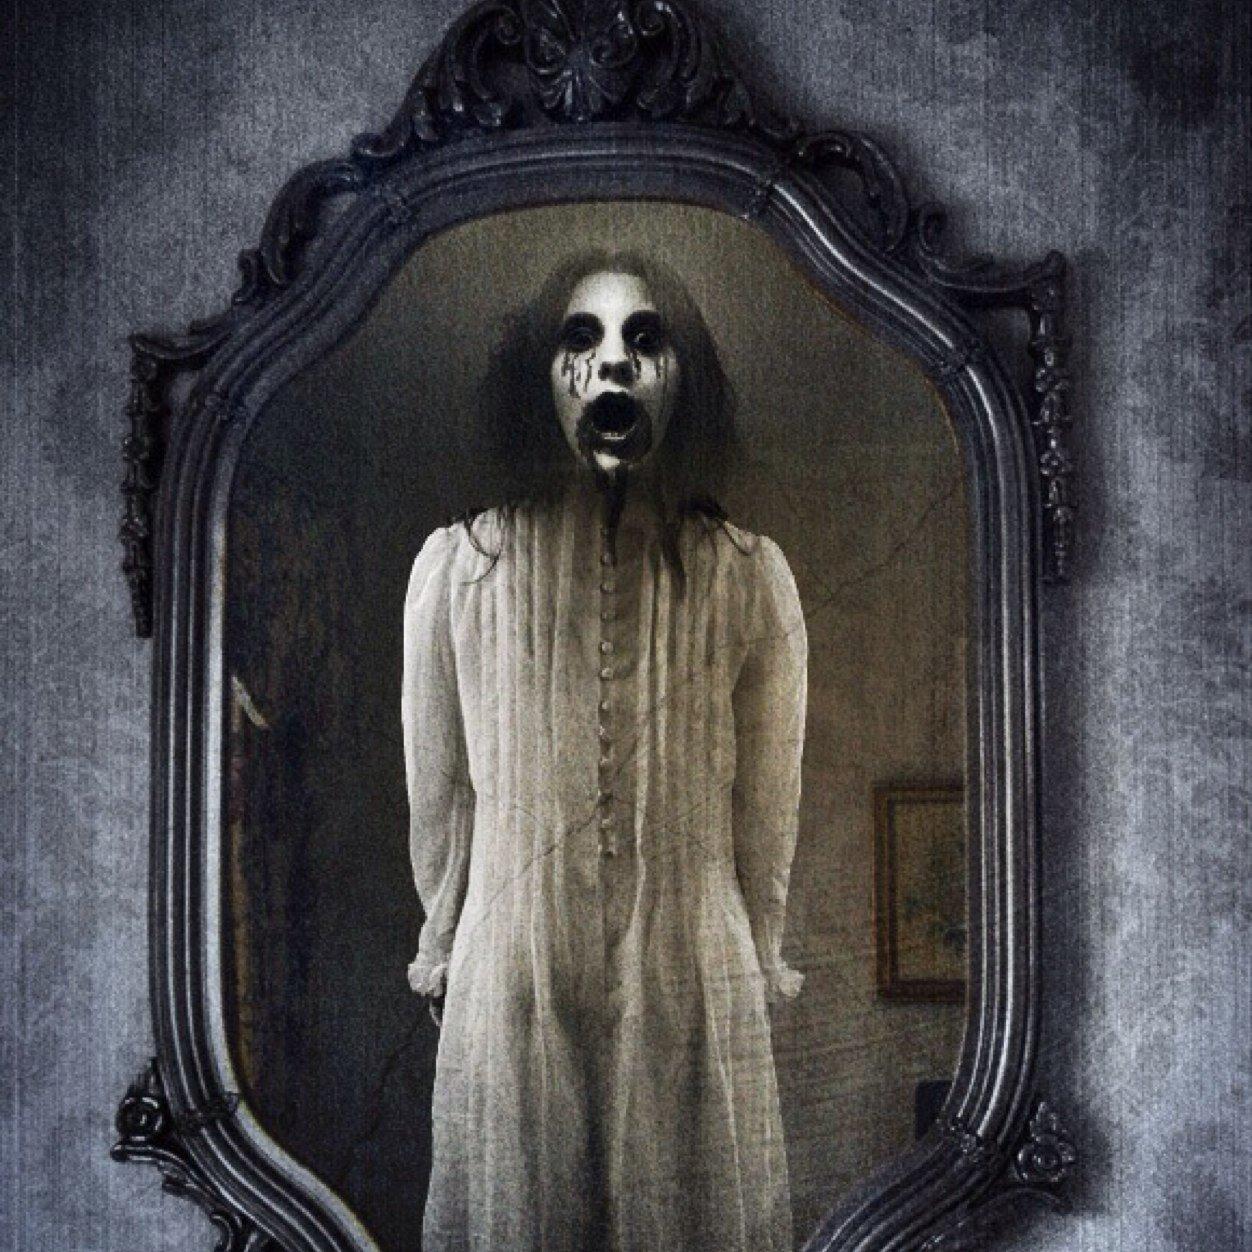 Зеркало с призраком картинки